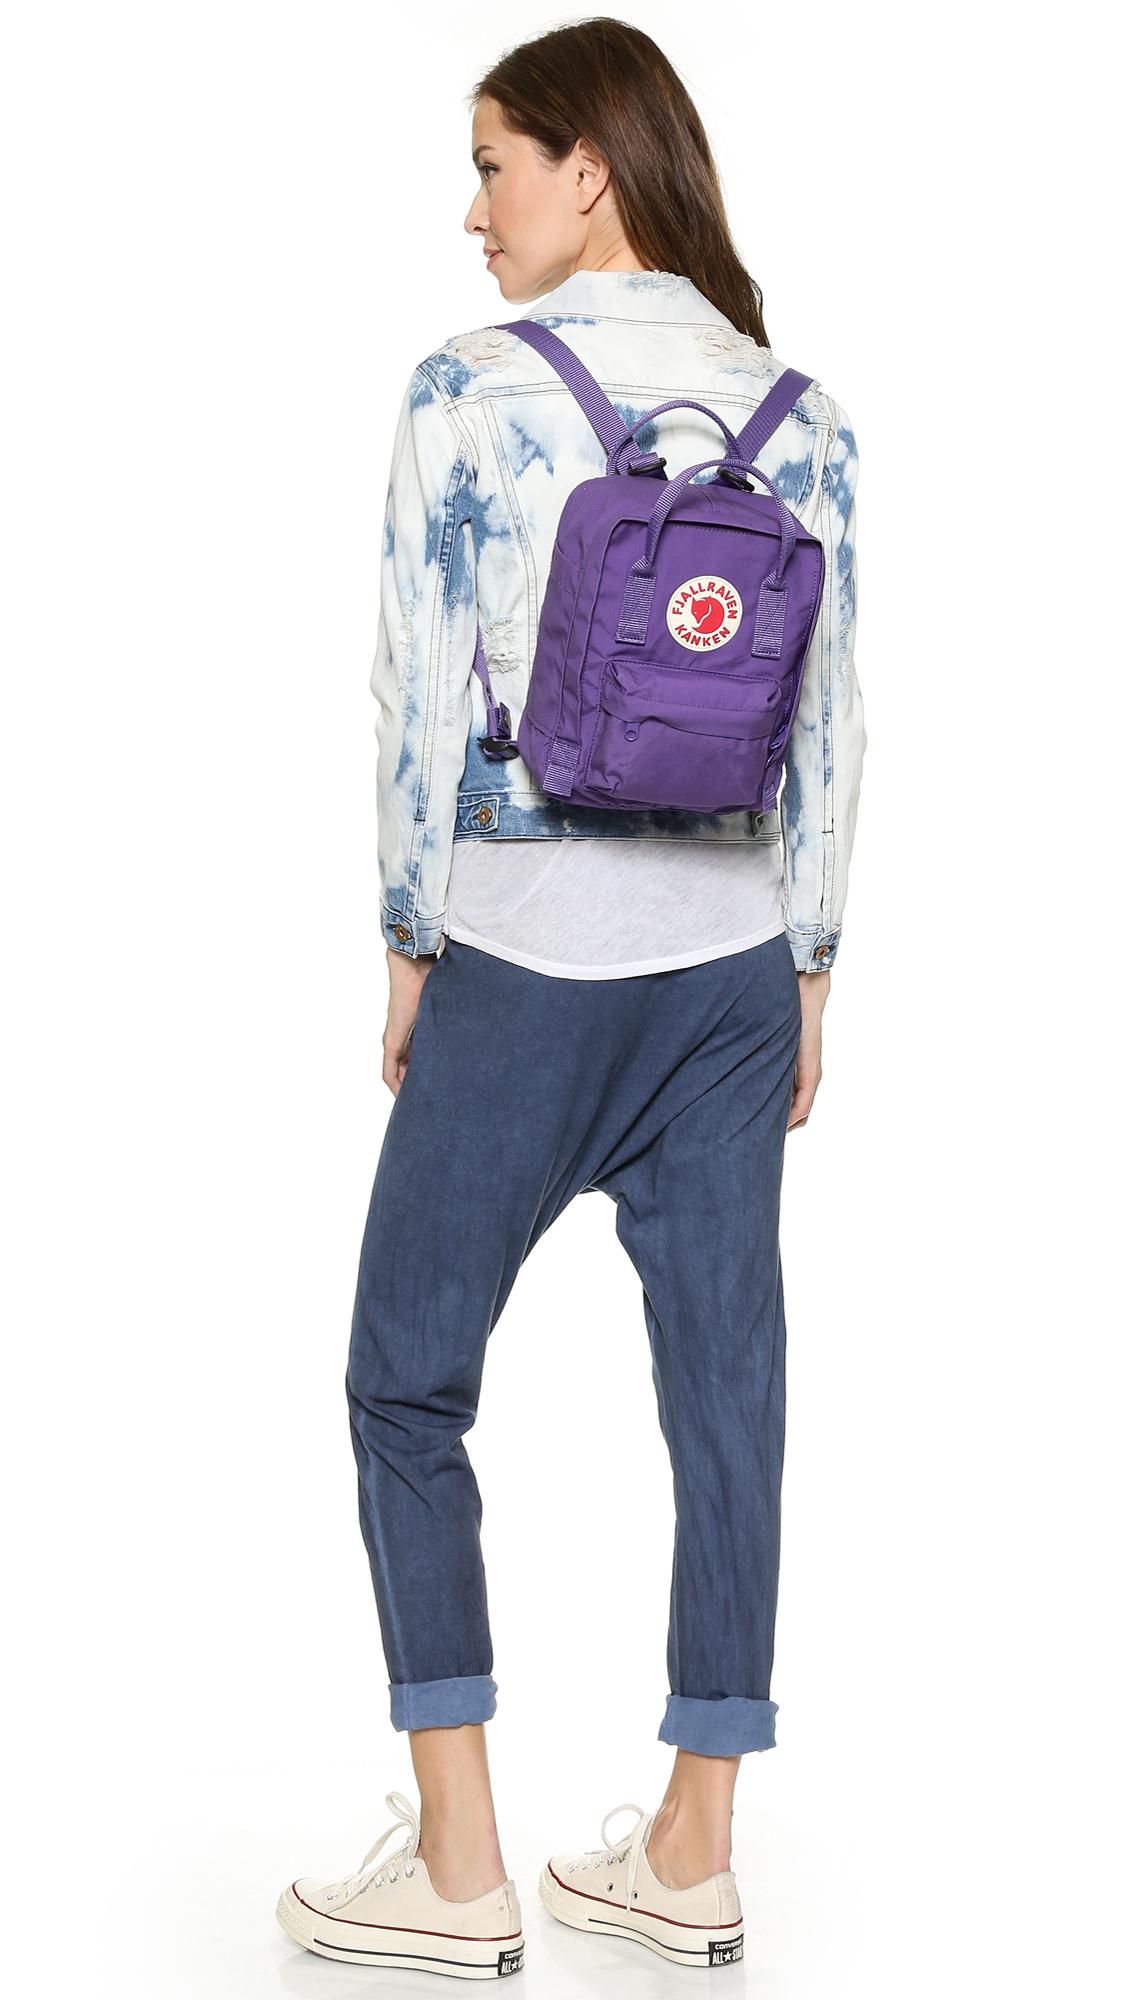 lyst fjallraven kanken mini backpack purple in purple. Black Bedroom Furniture Sets. Home Design Ideas